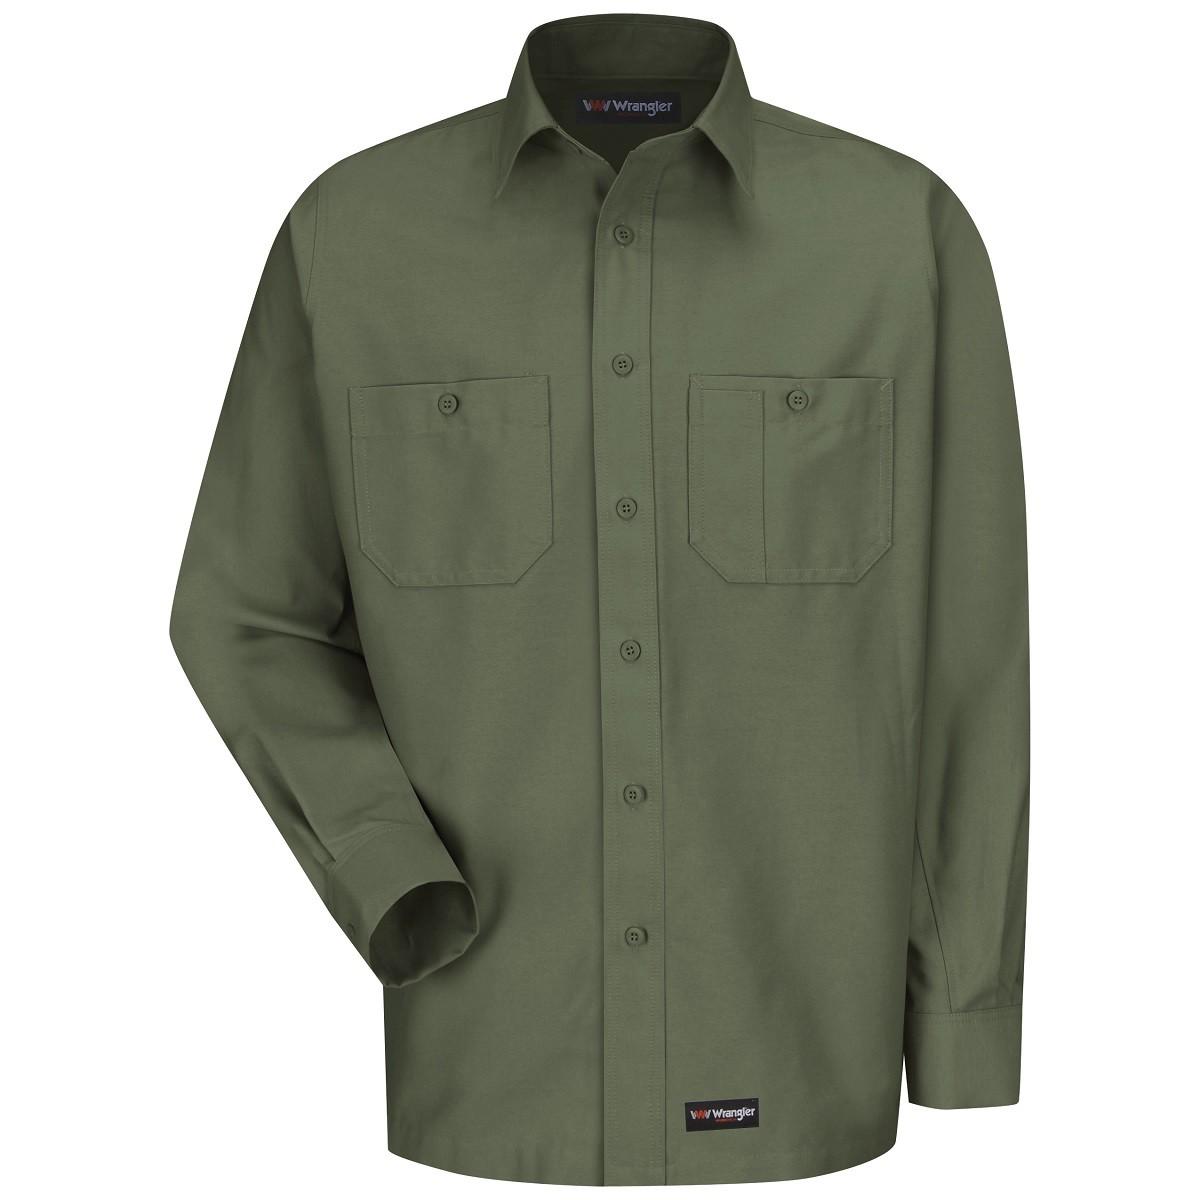 Wrangler Ws10 Men 39 S Long Sleeve Work Shirt Olive Green